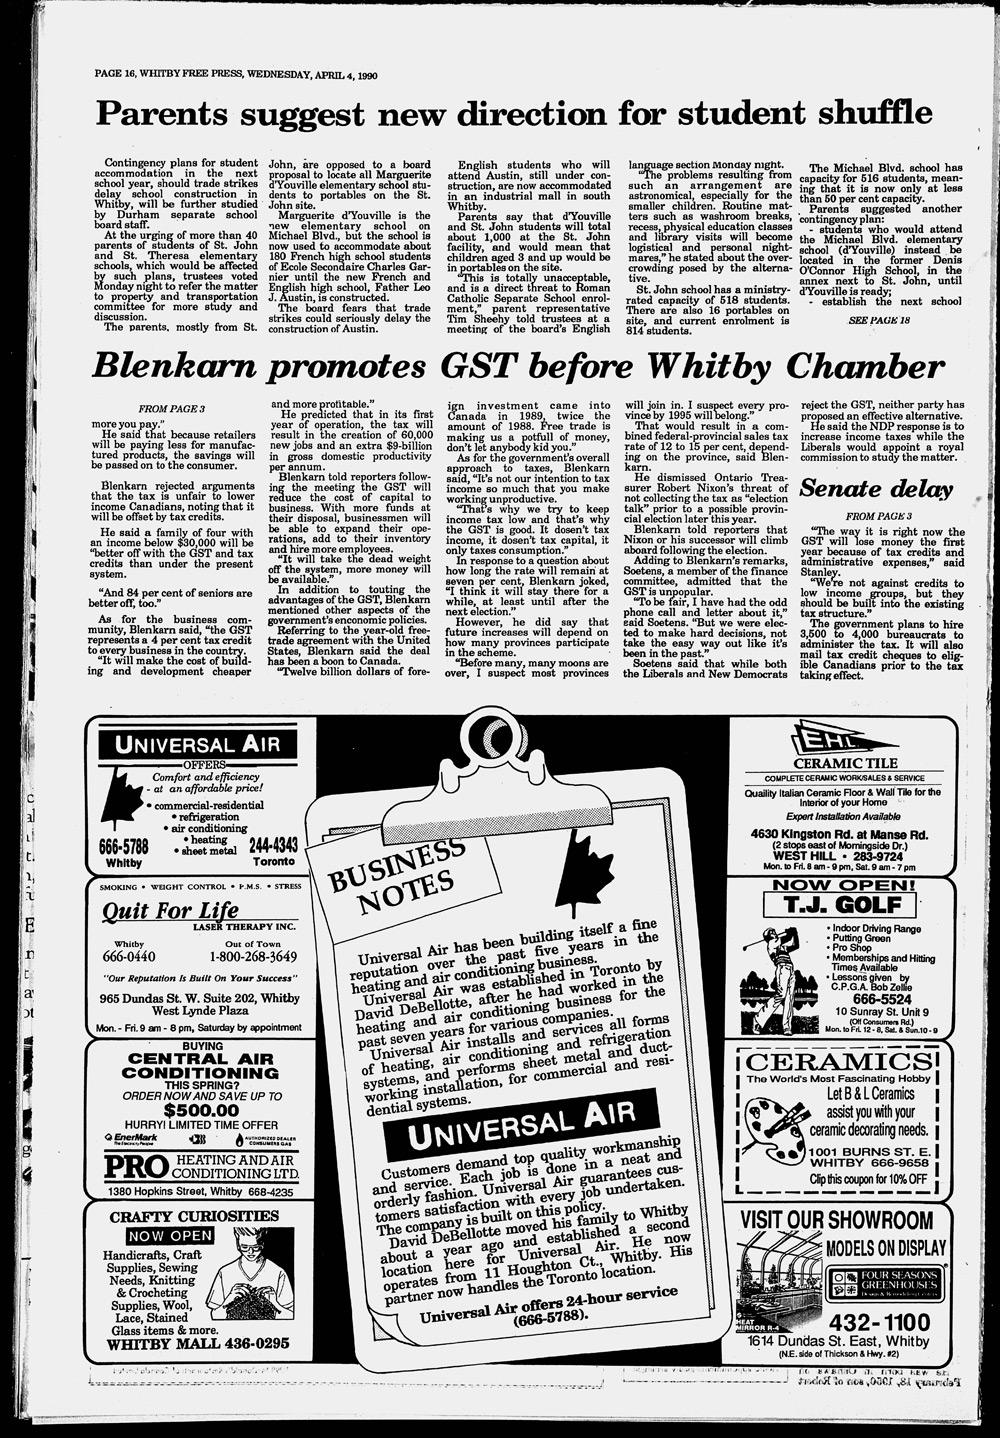 Whitby Free Press, 4 Apr 1990